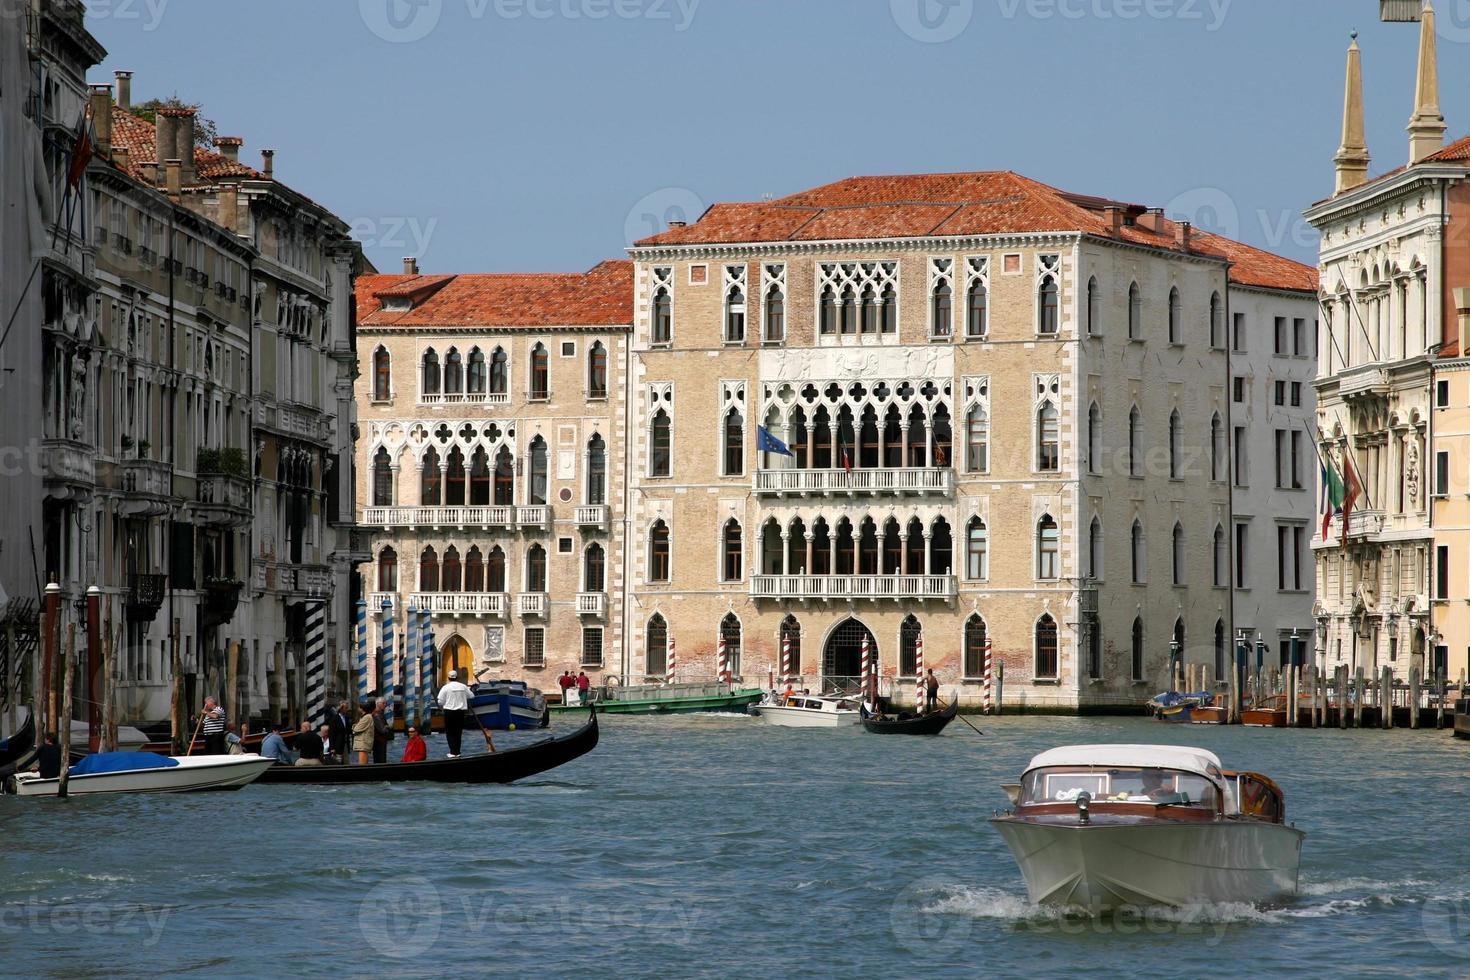 palacio en venecia, italia foto